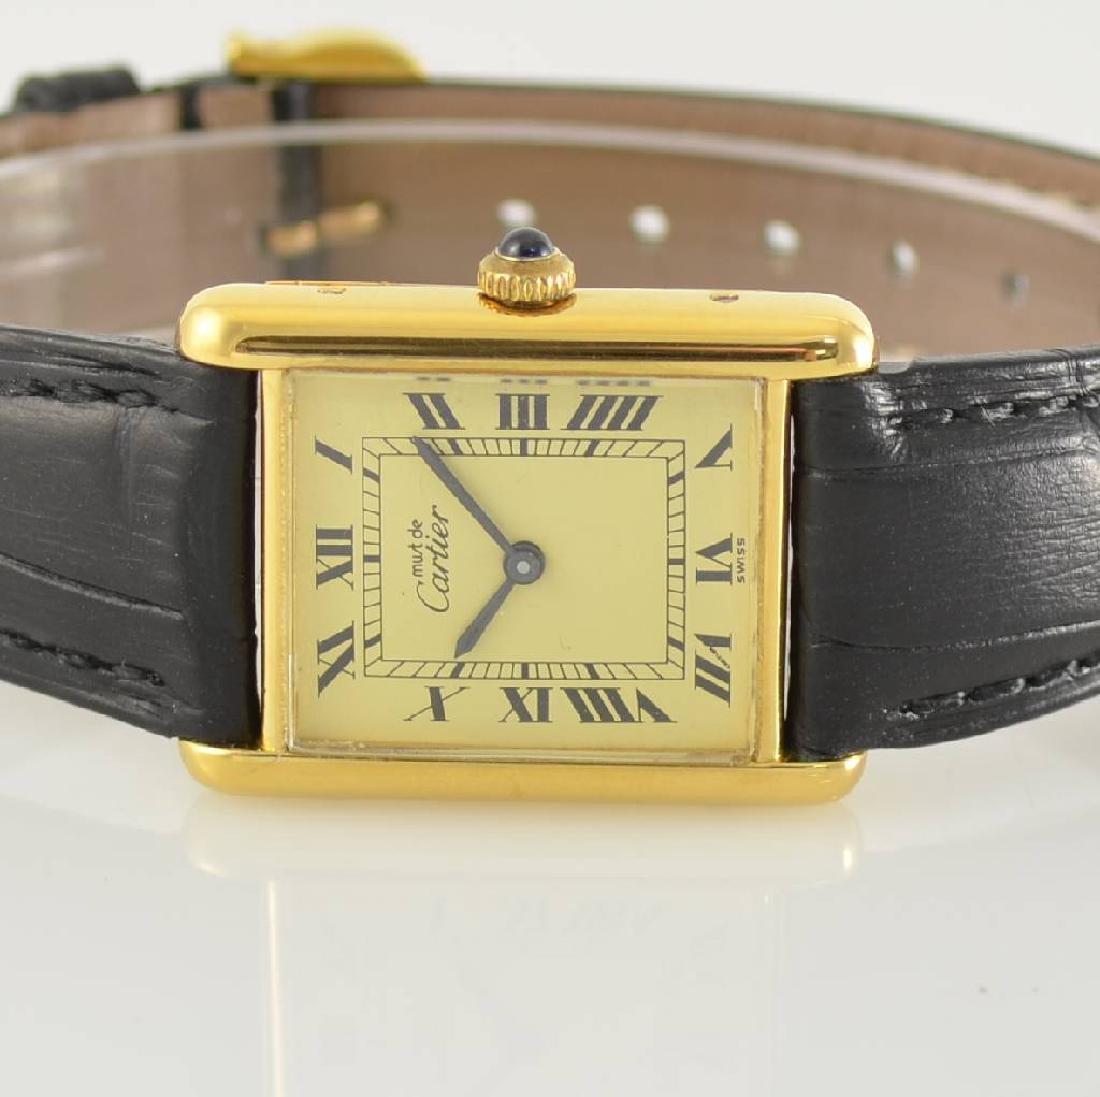 CARTIER Tank wristwatch, Switzerland around 1980 - 2